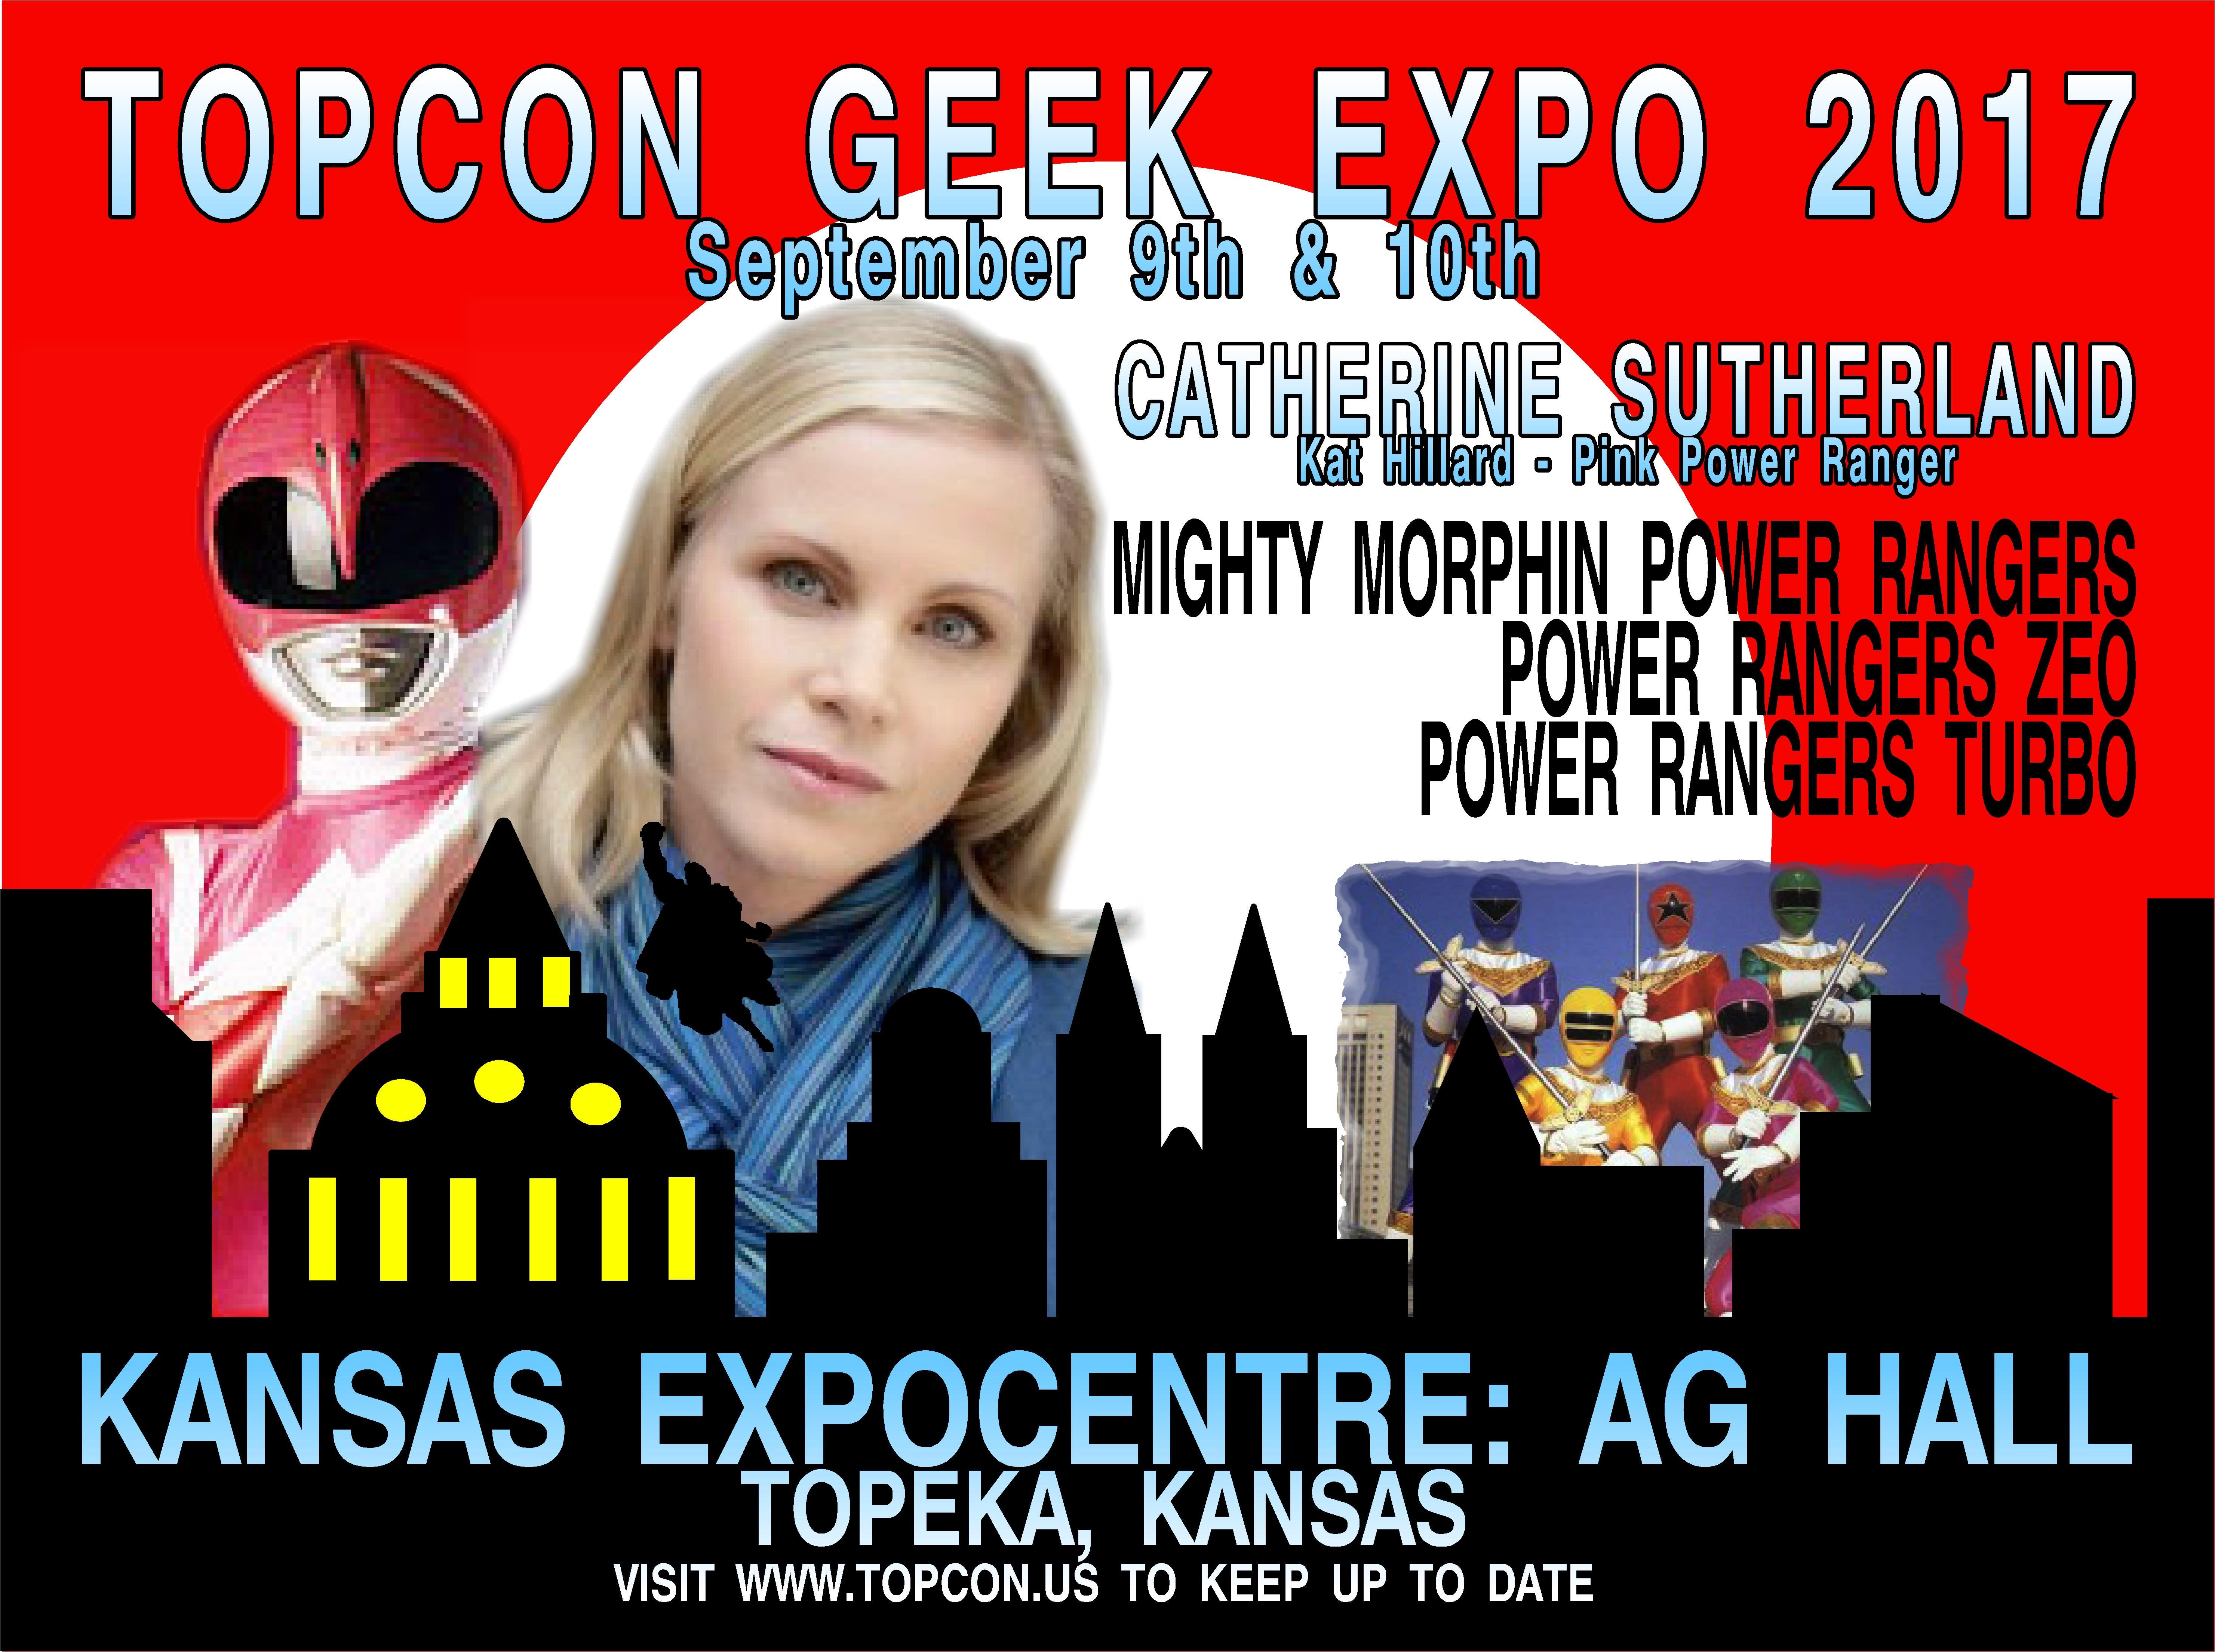 TOPCON GEEK EXPO 2017